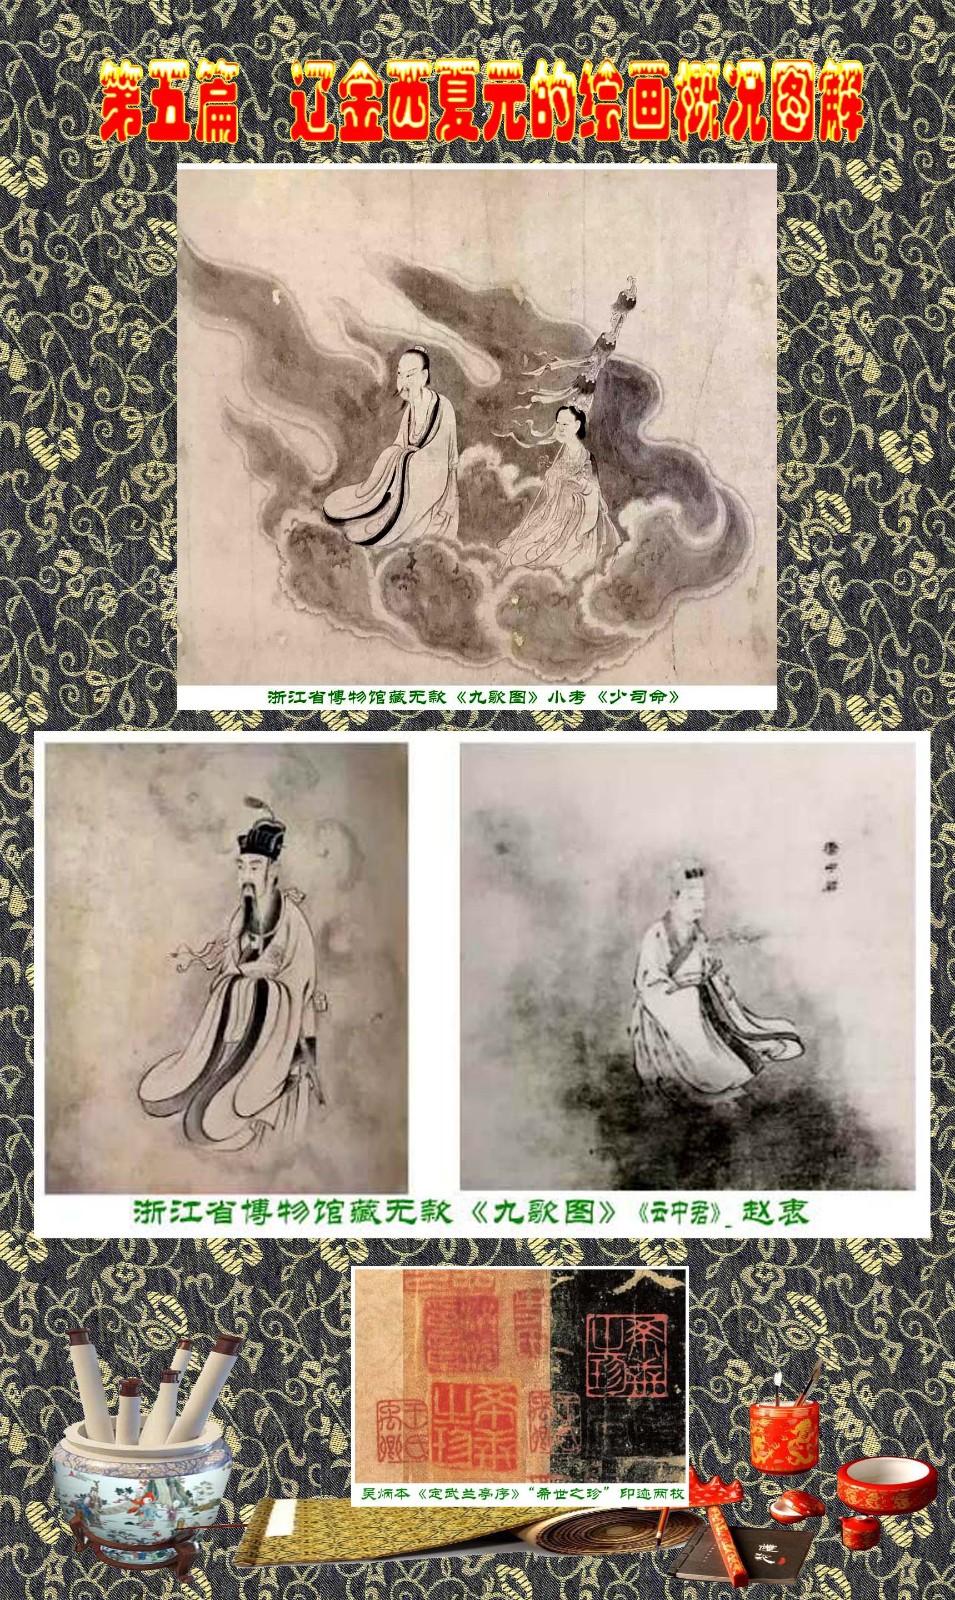 顾绍骅编辑 中国画知识普及版 第五篇 辽金西夏元的绘画概况 下 ... ..._图1-91